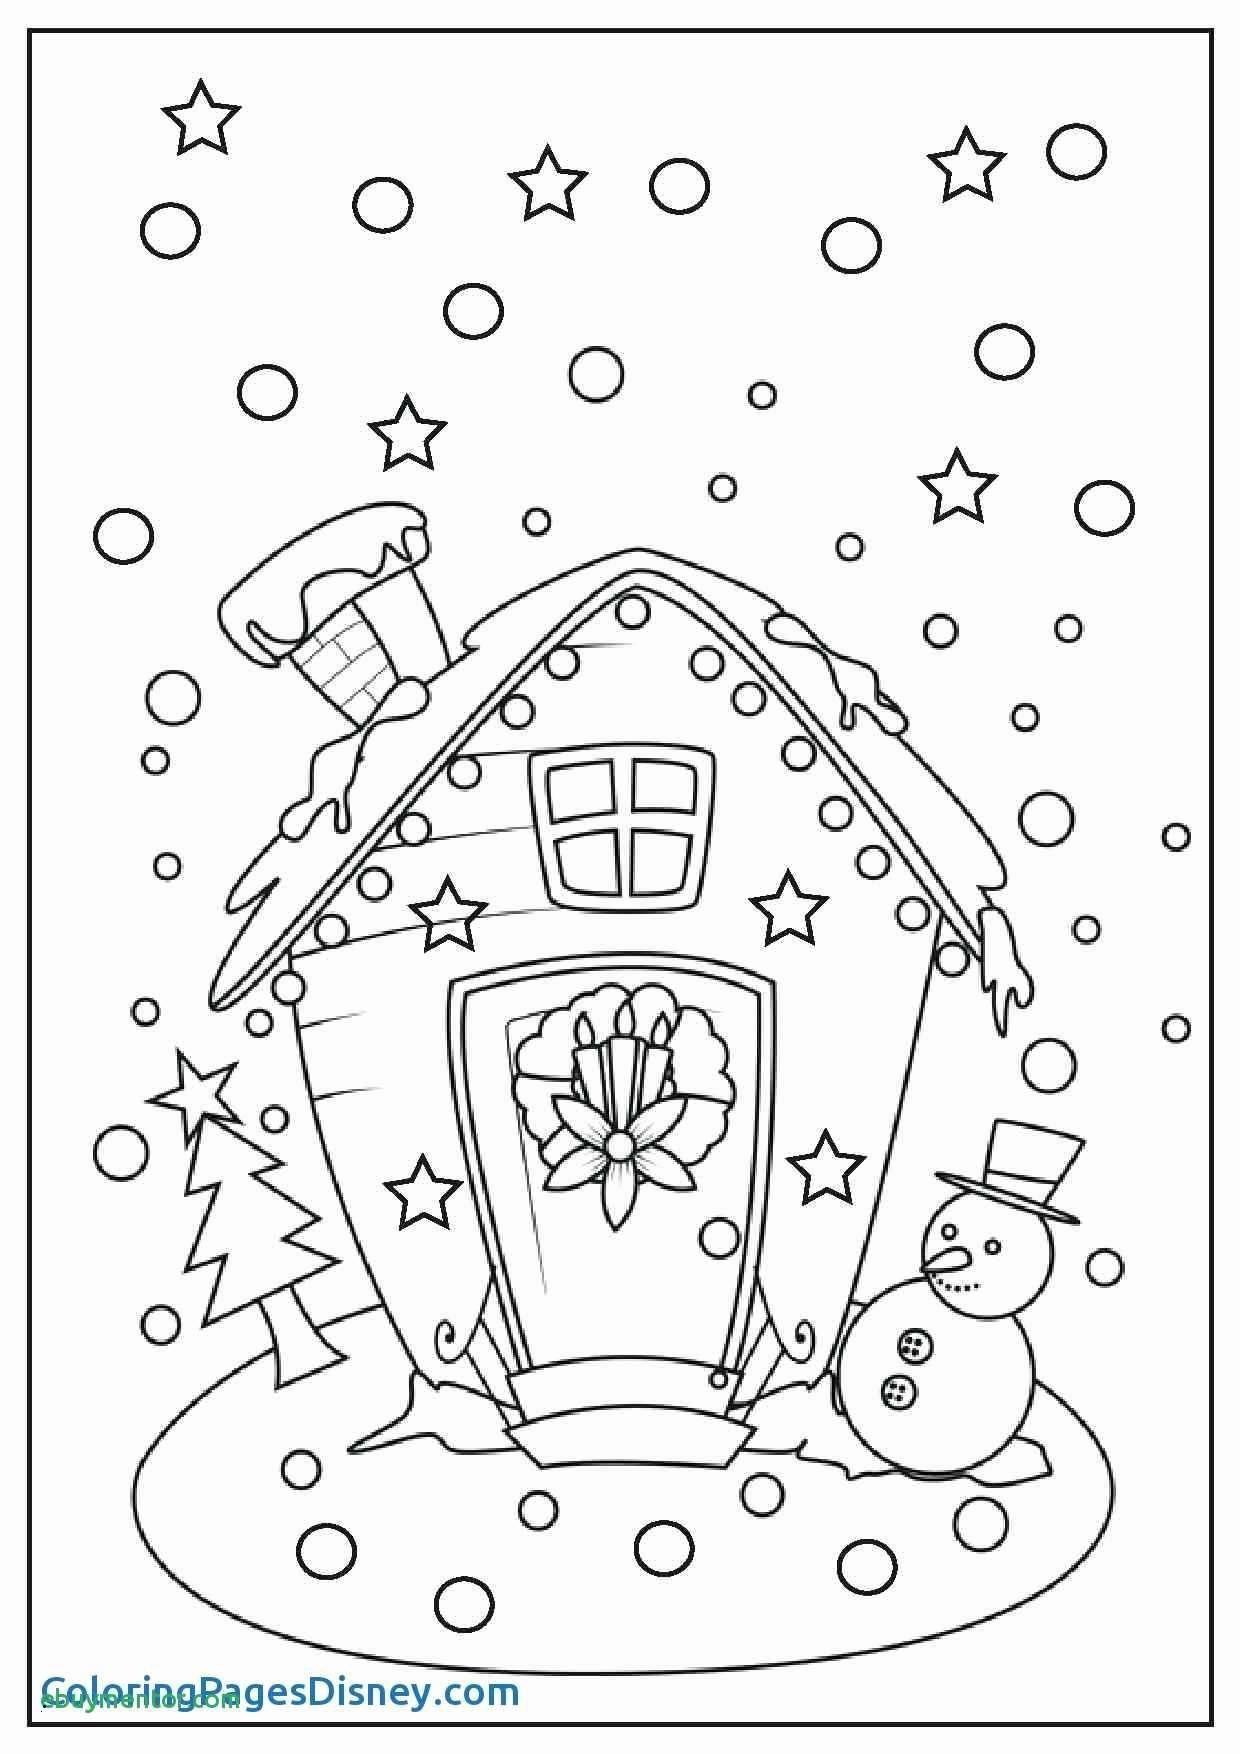 Harry Potter Ausmalbilder Wappen Einzigartig 35 Winnie Pooh Malvorlagen Wand Scoredatscore Best Tigger Winnie Fotografieren